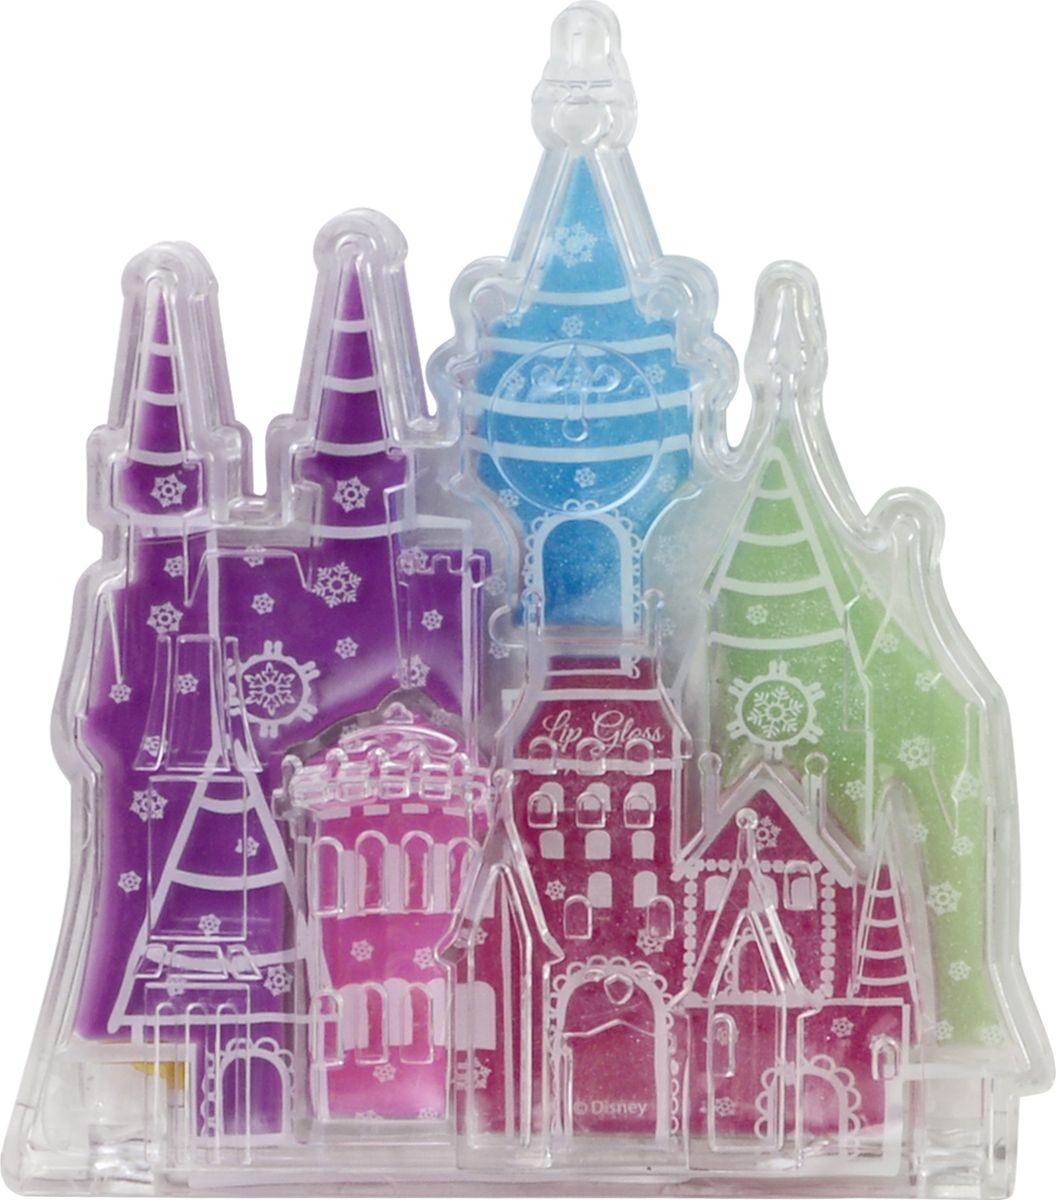 Markwins Игровой набор детской декоративной косметики Princess 97041519704151Состав набора: палитра блесков для губ из 5 оттенков.